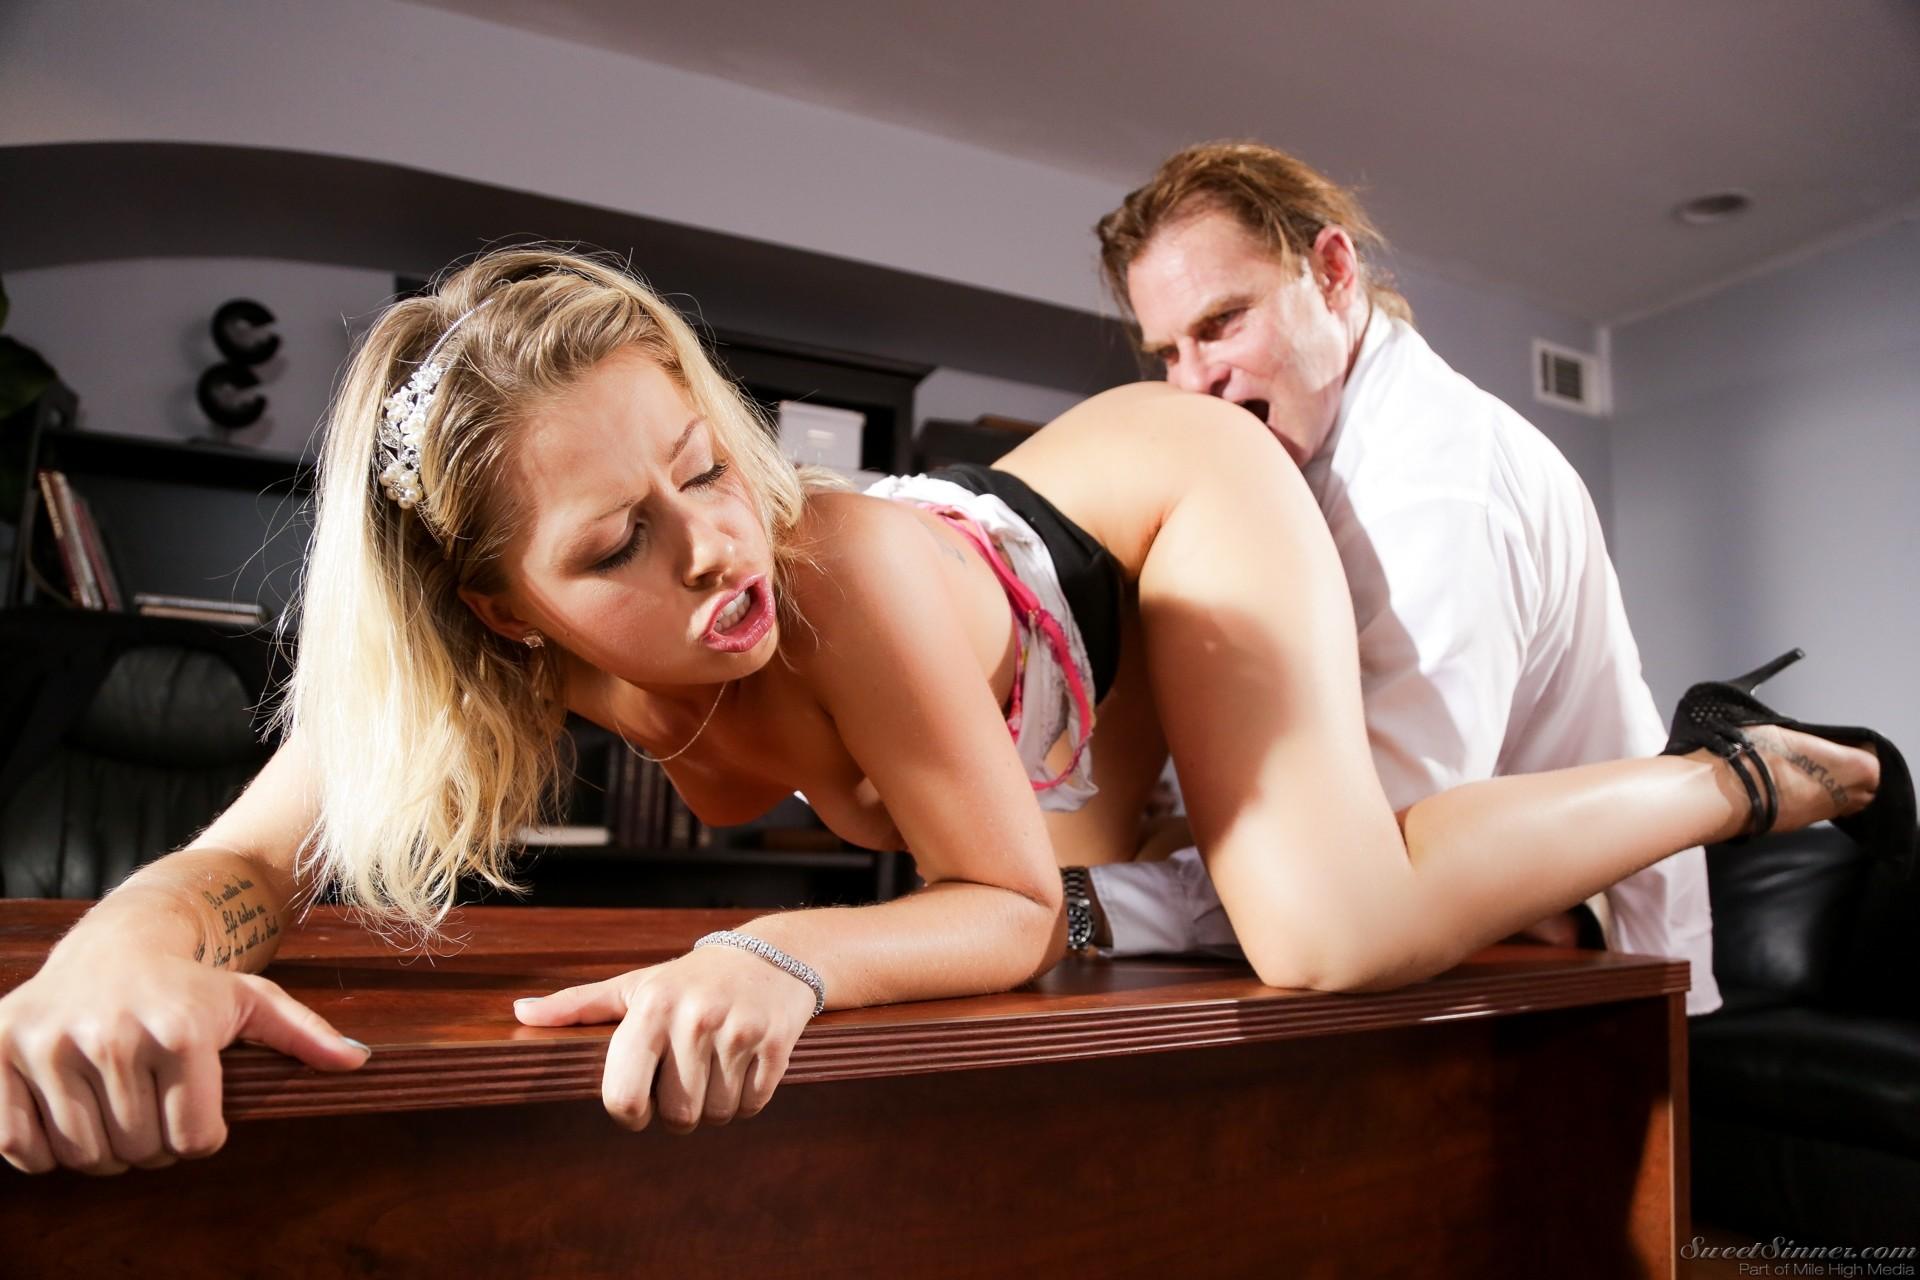 Секс в парихмахерской, Секс с парикмахершей в салоне красоты - порно видео 17 фотография